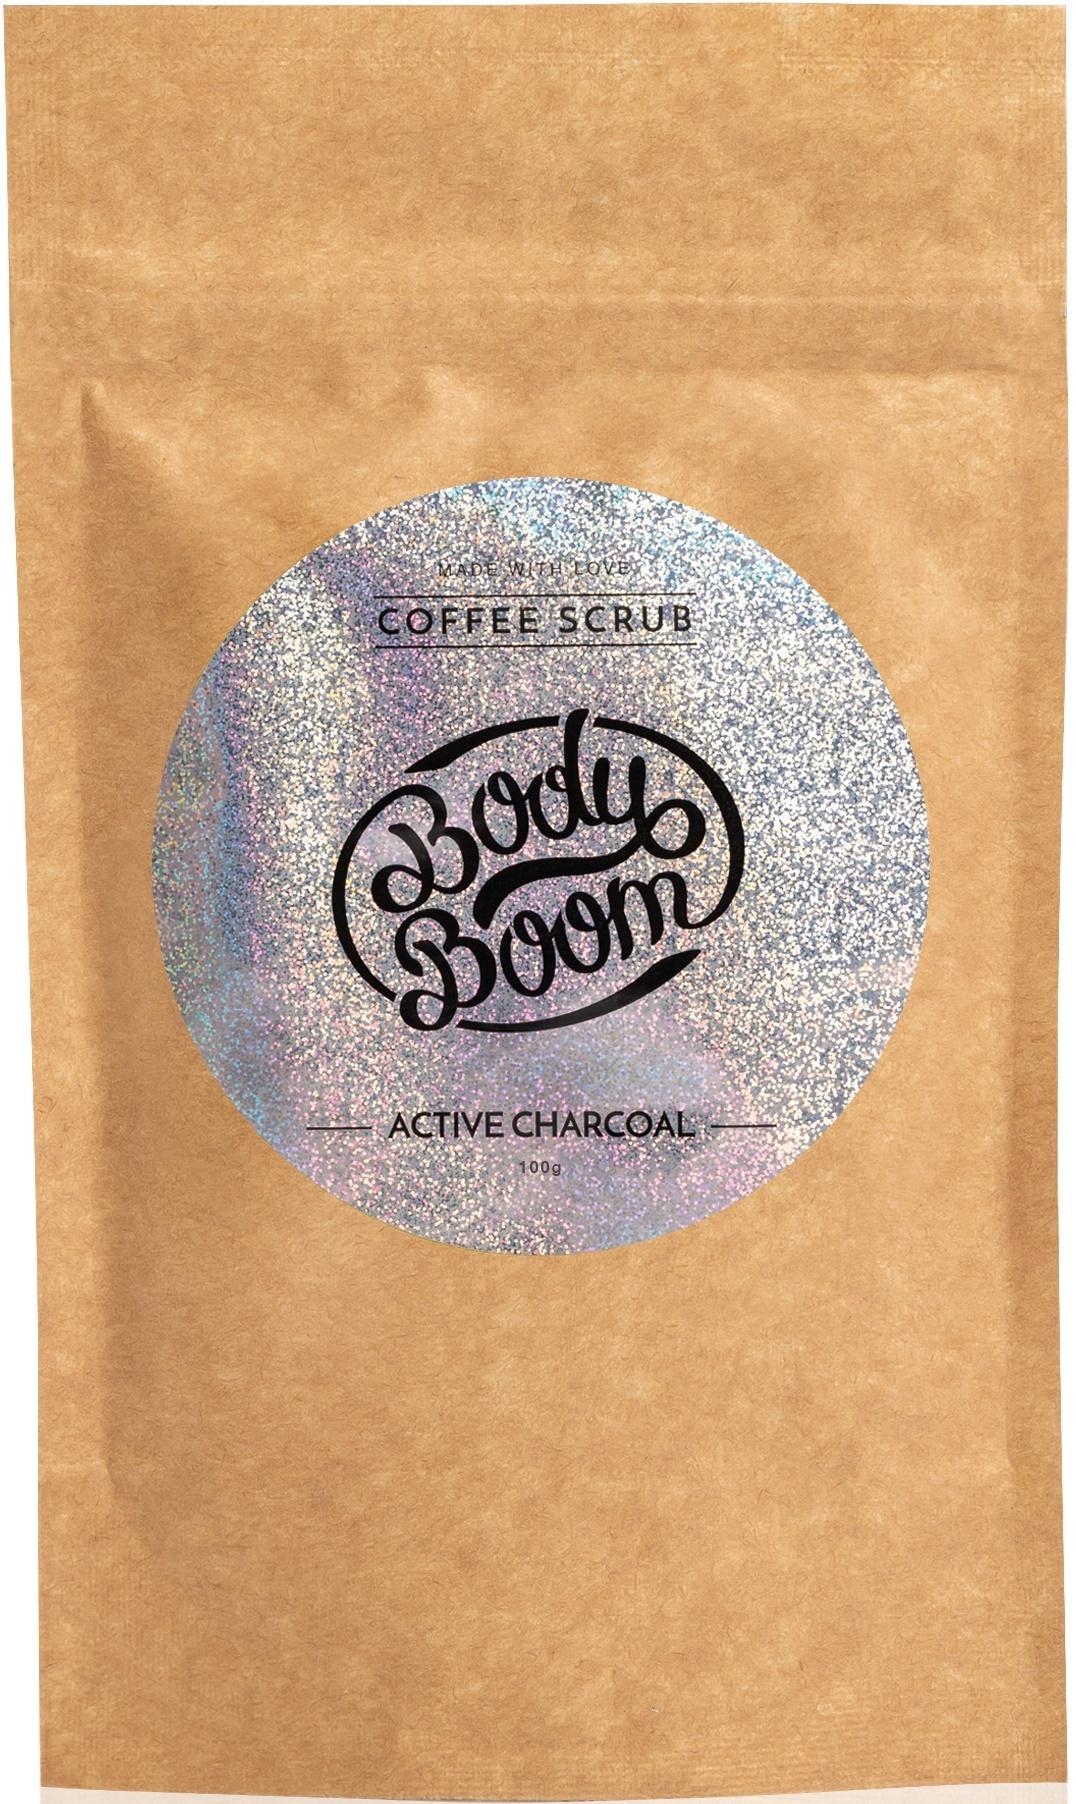 BODY BOOM Кофейный скраб для тела Active charcoal 100г